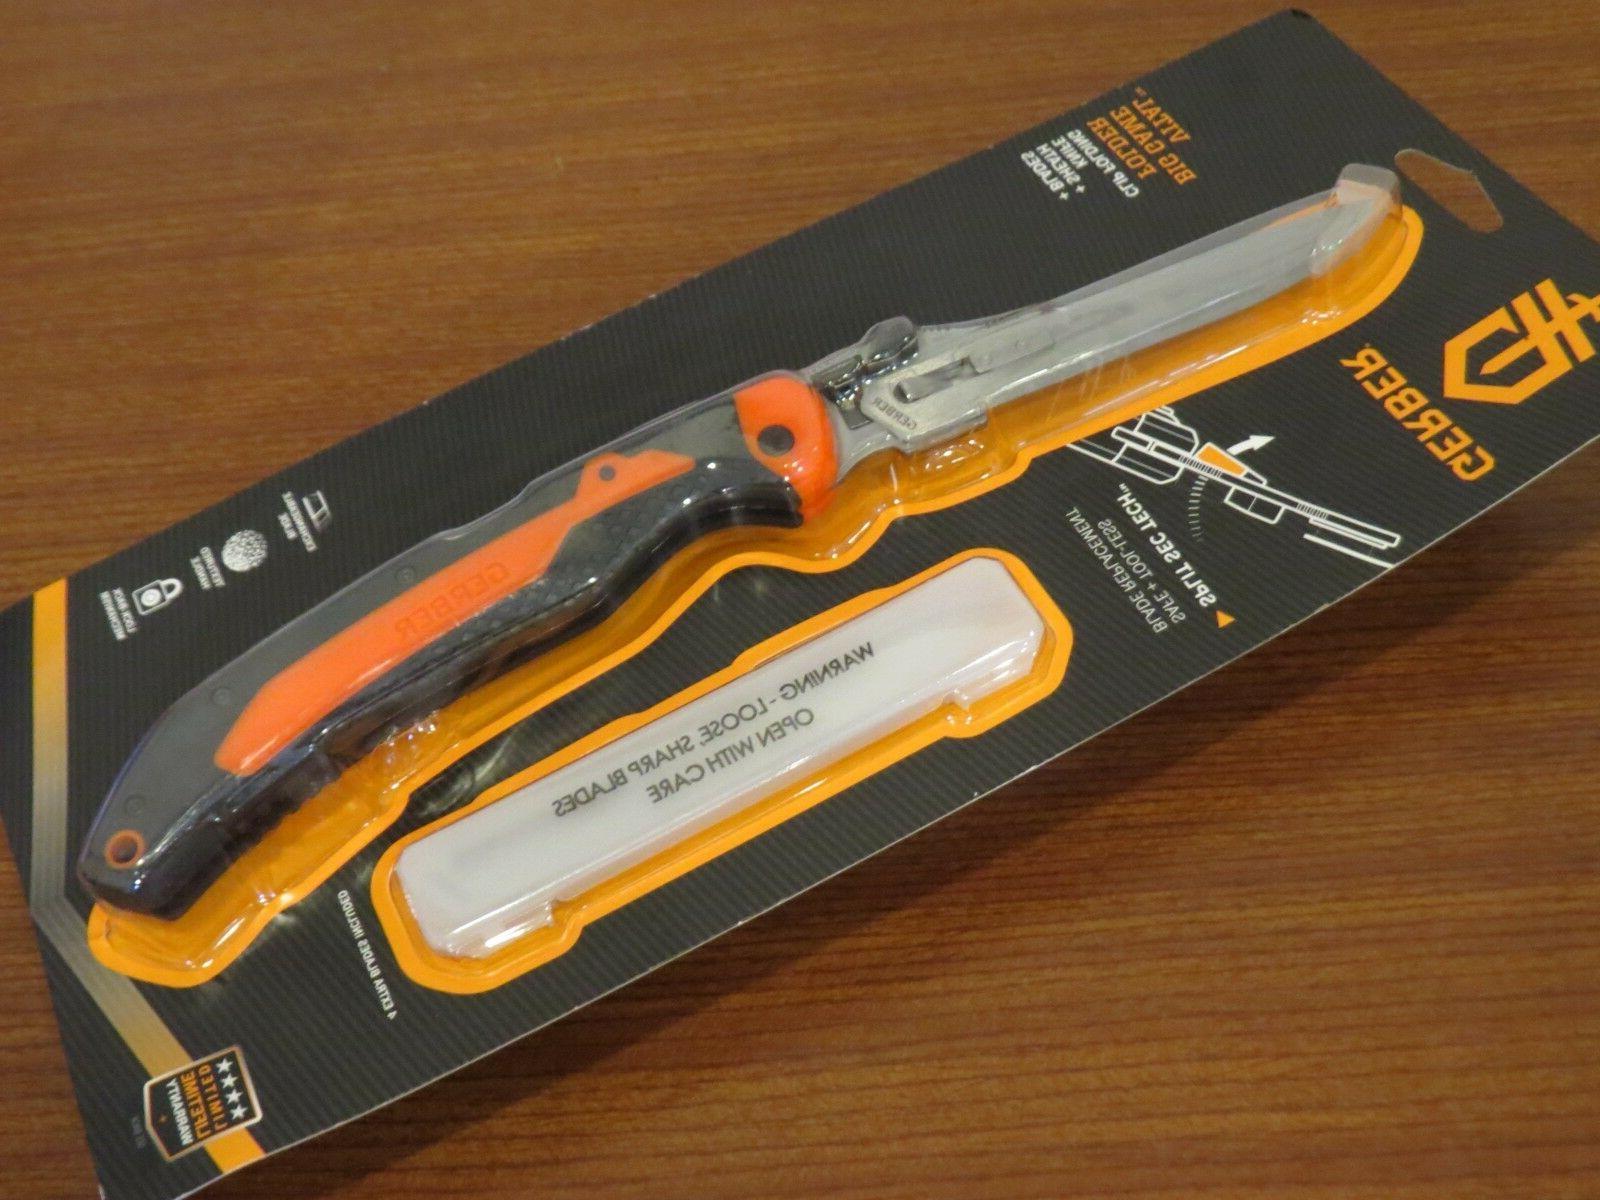 vital big game folder pocket knife w